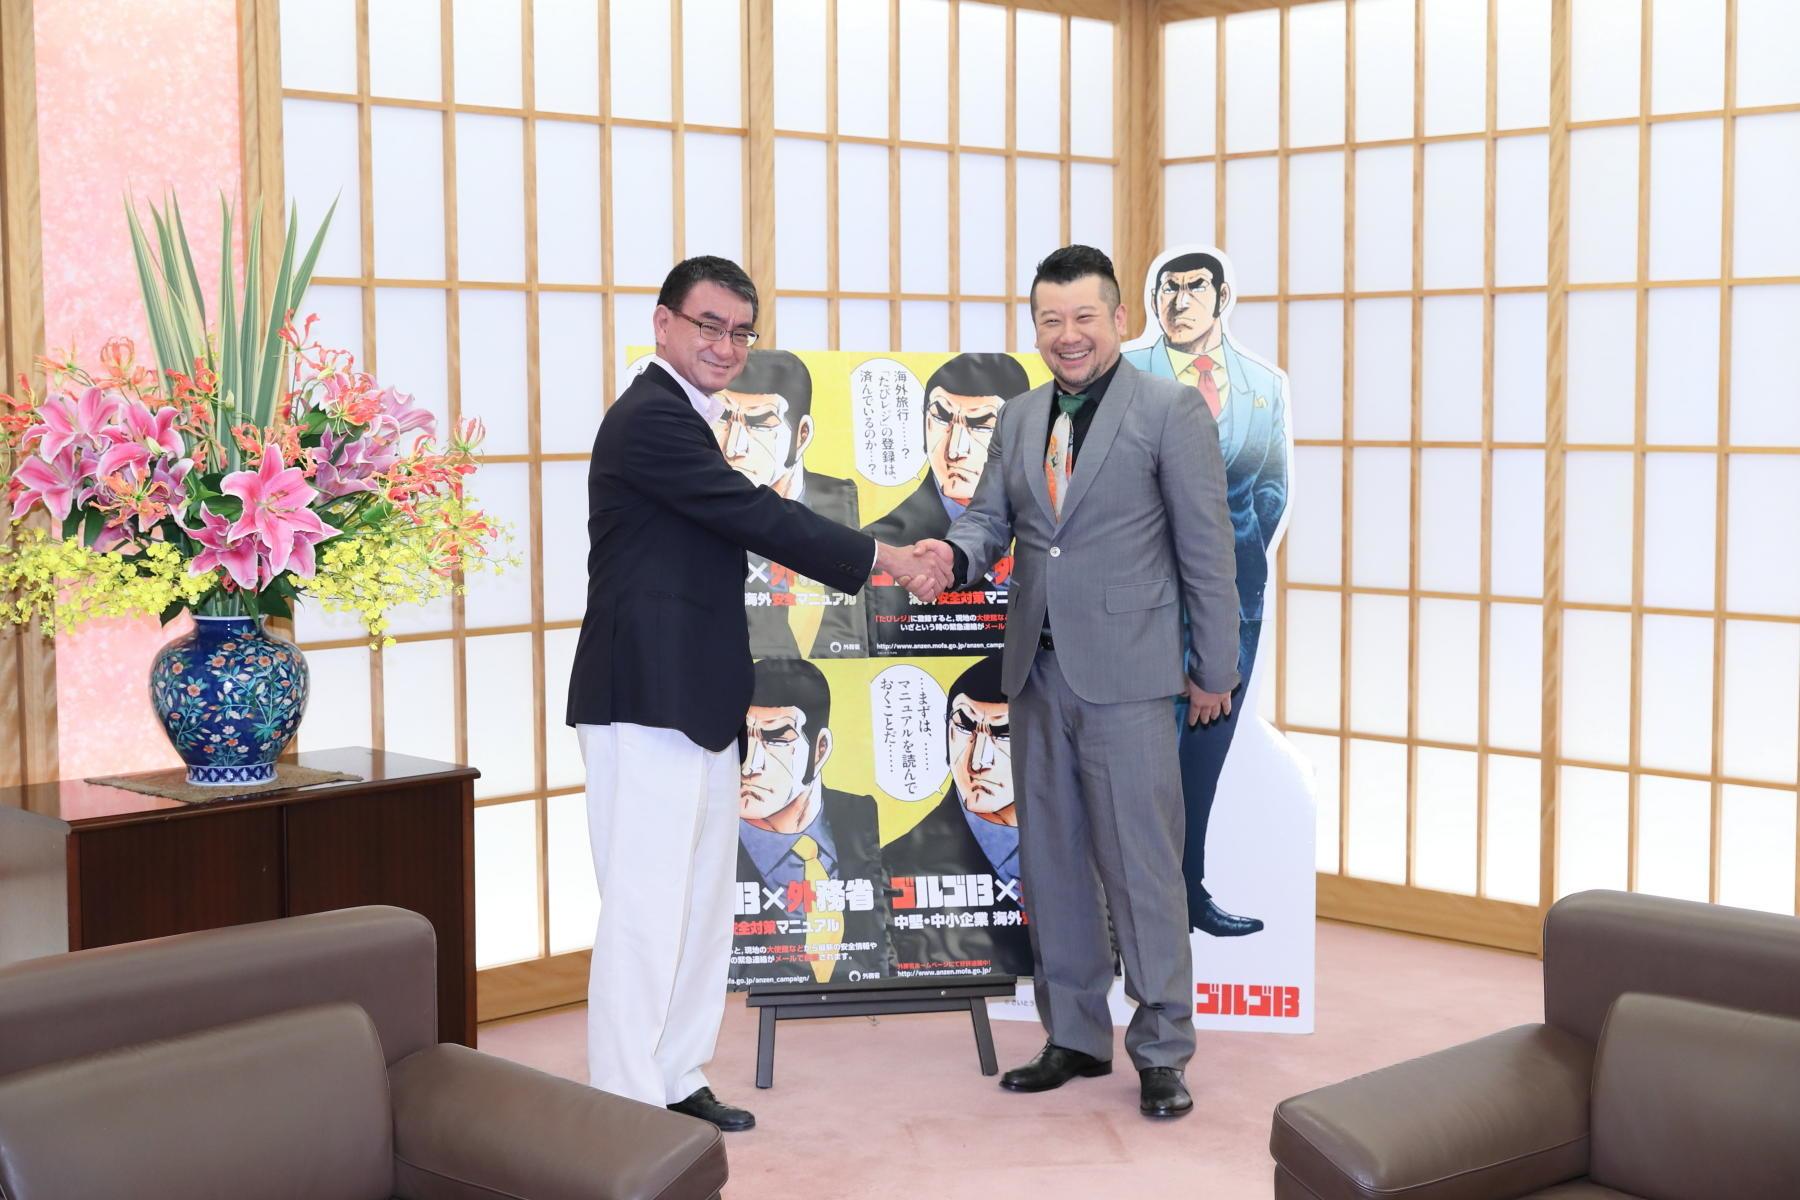 http://news.yoshimoto.co.jp/20180706231643-af8da5a2529330240cd4b0942d88c1421d189eea.jpg